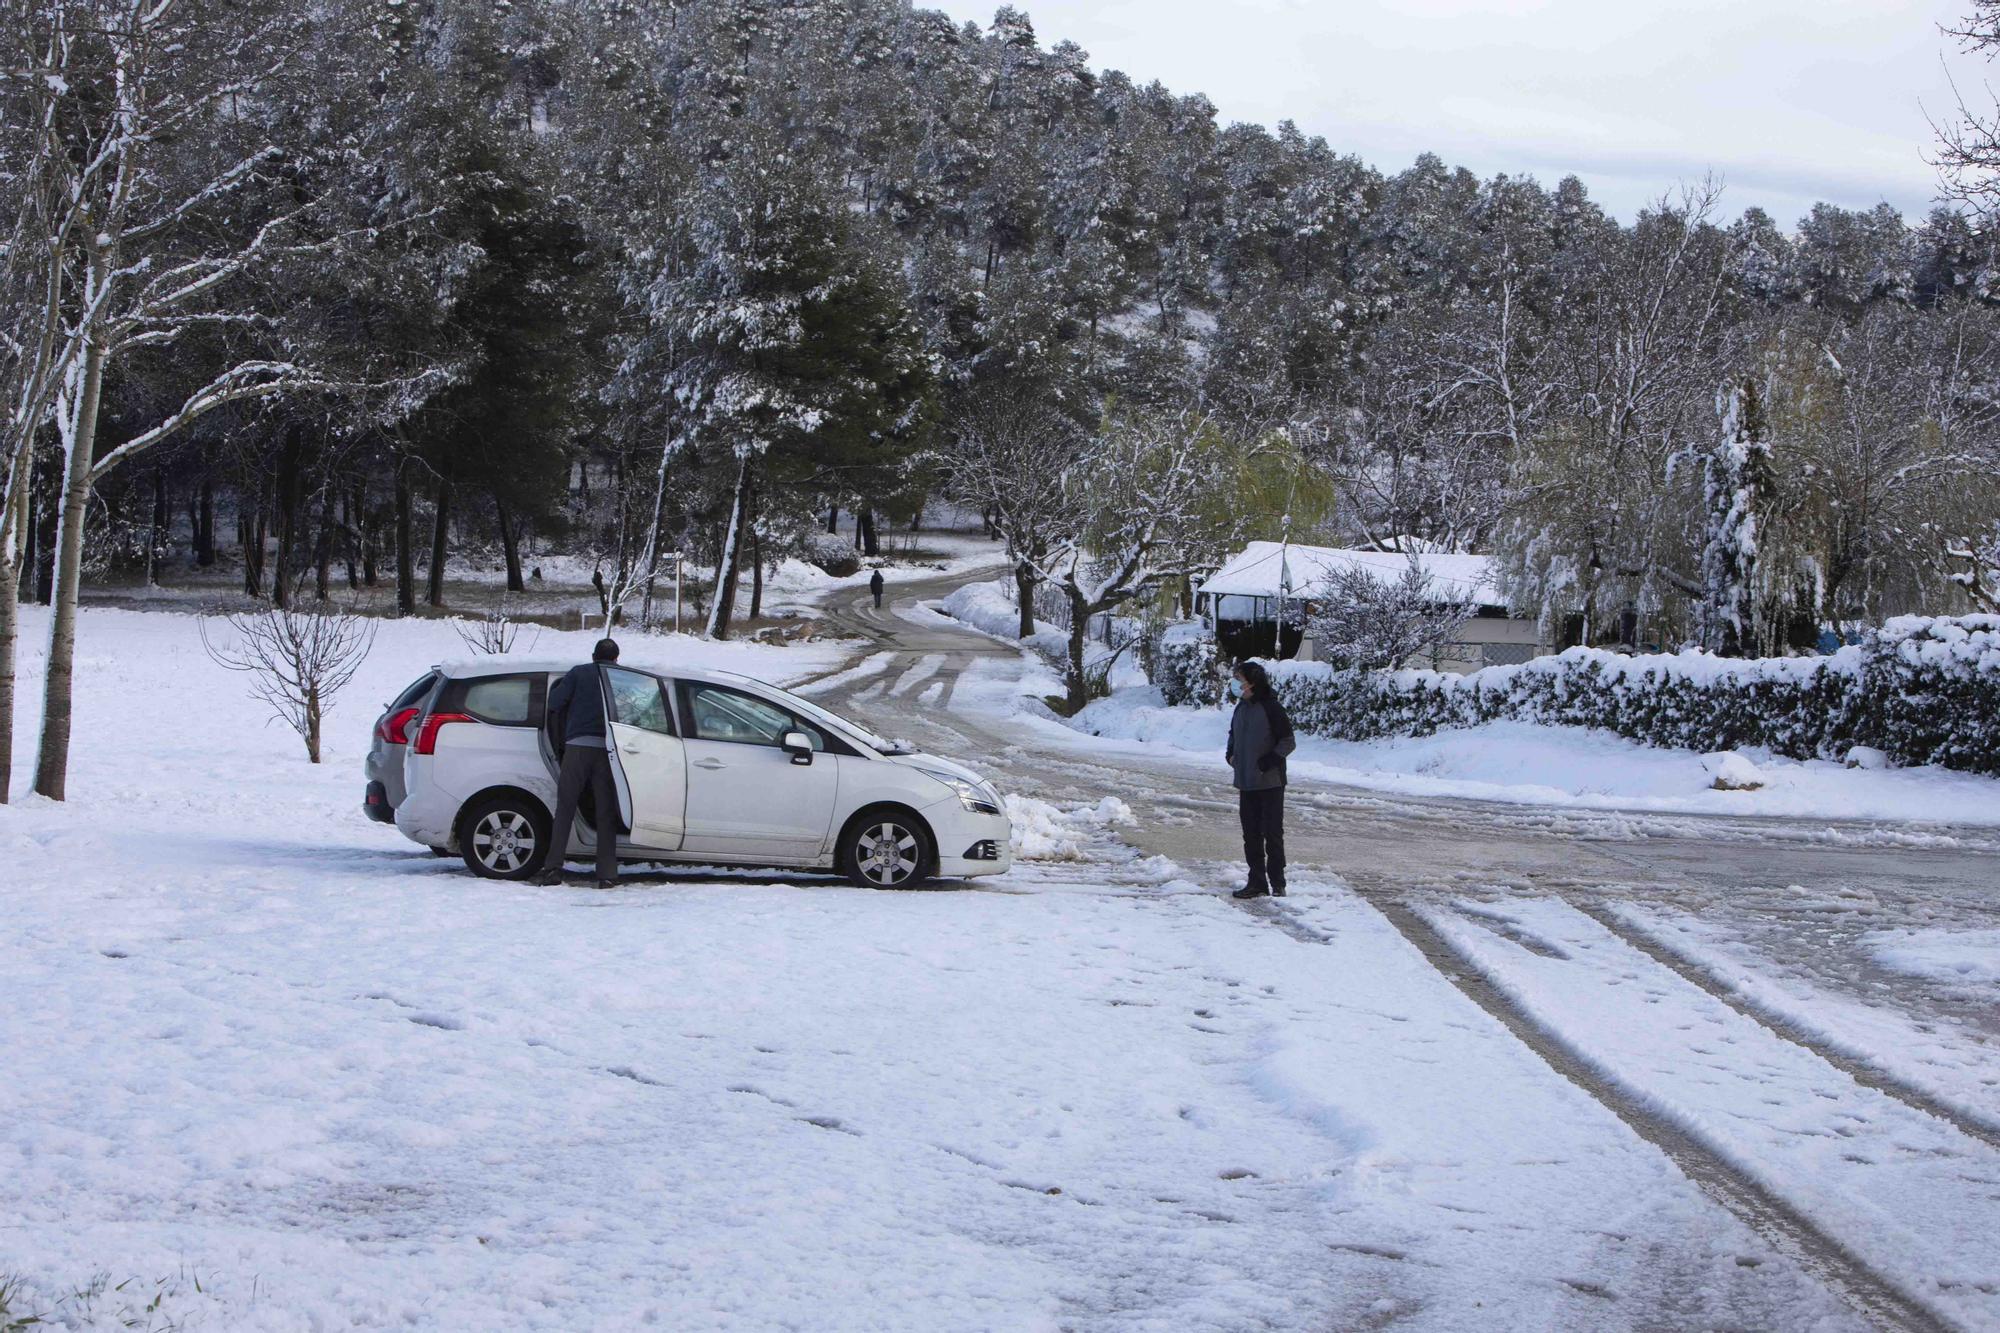 Espectacular nevada en la víspera de Sant Josep en Bocairent